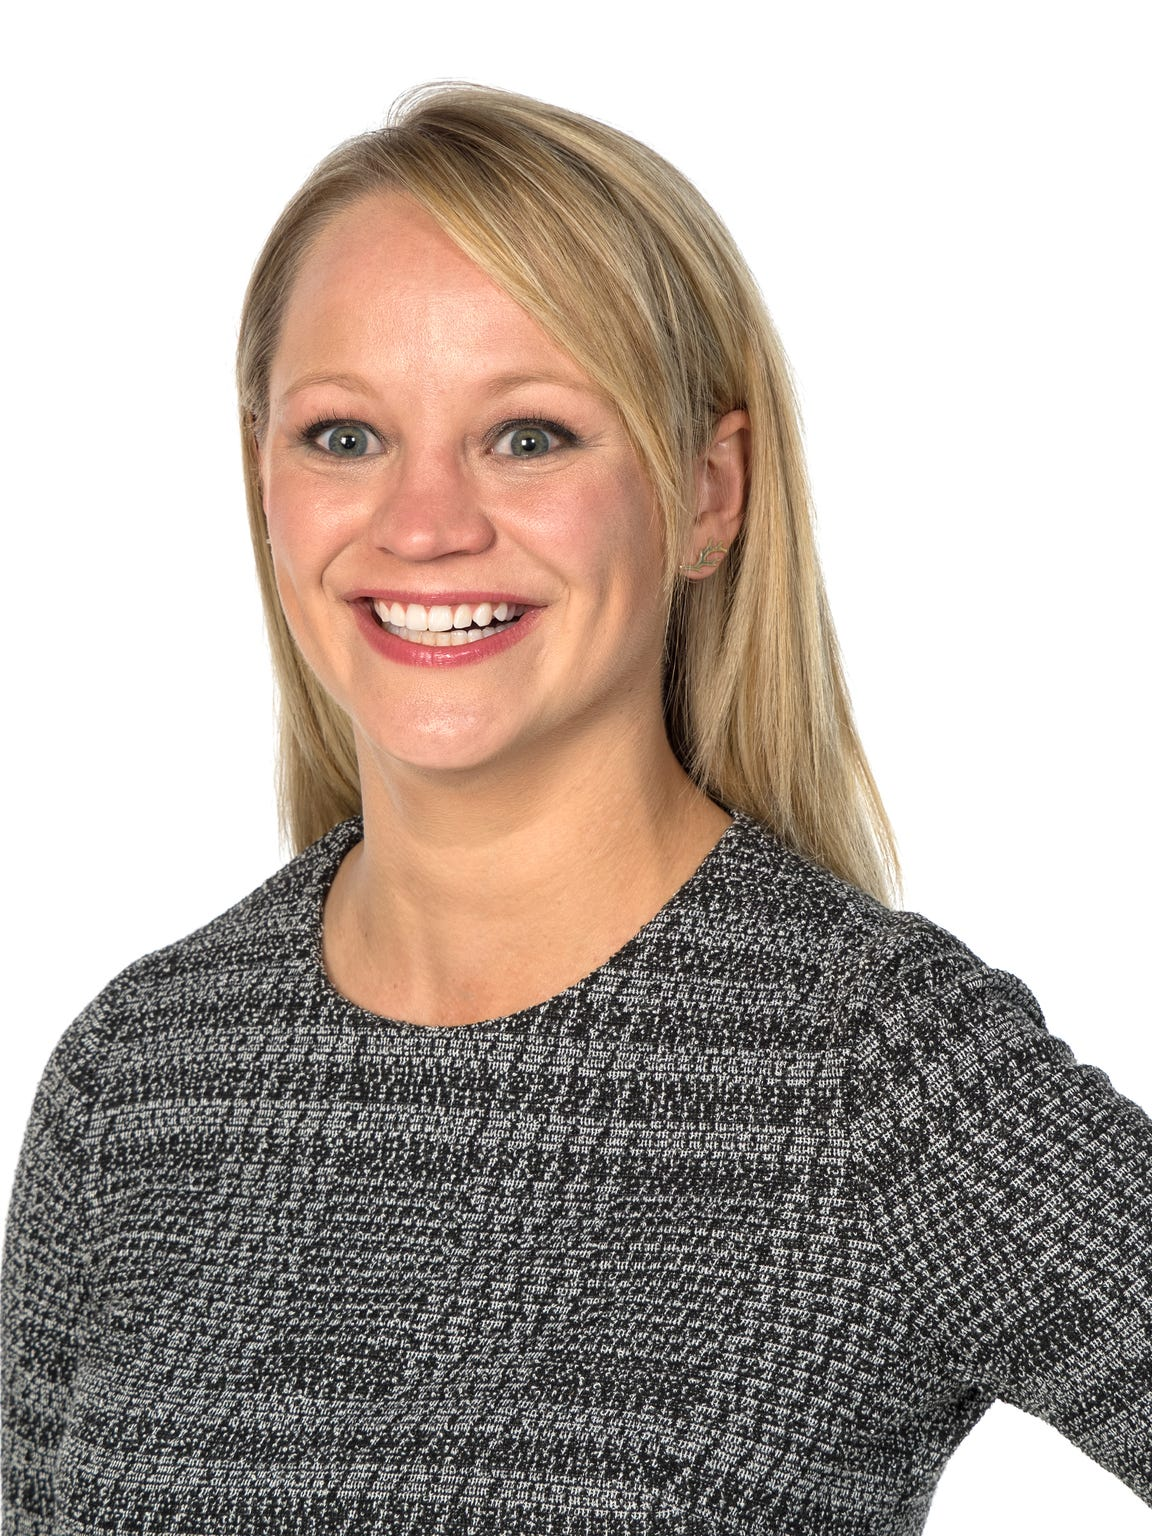 Elyse Lewis